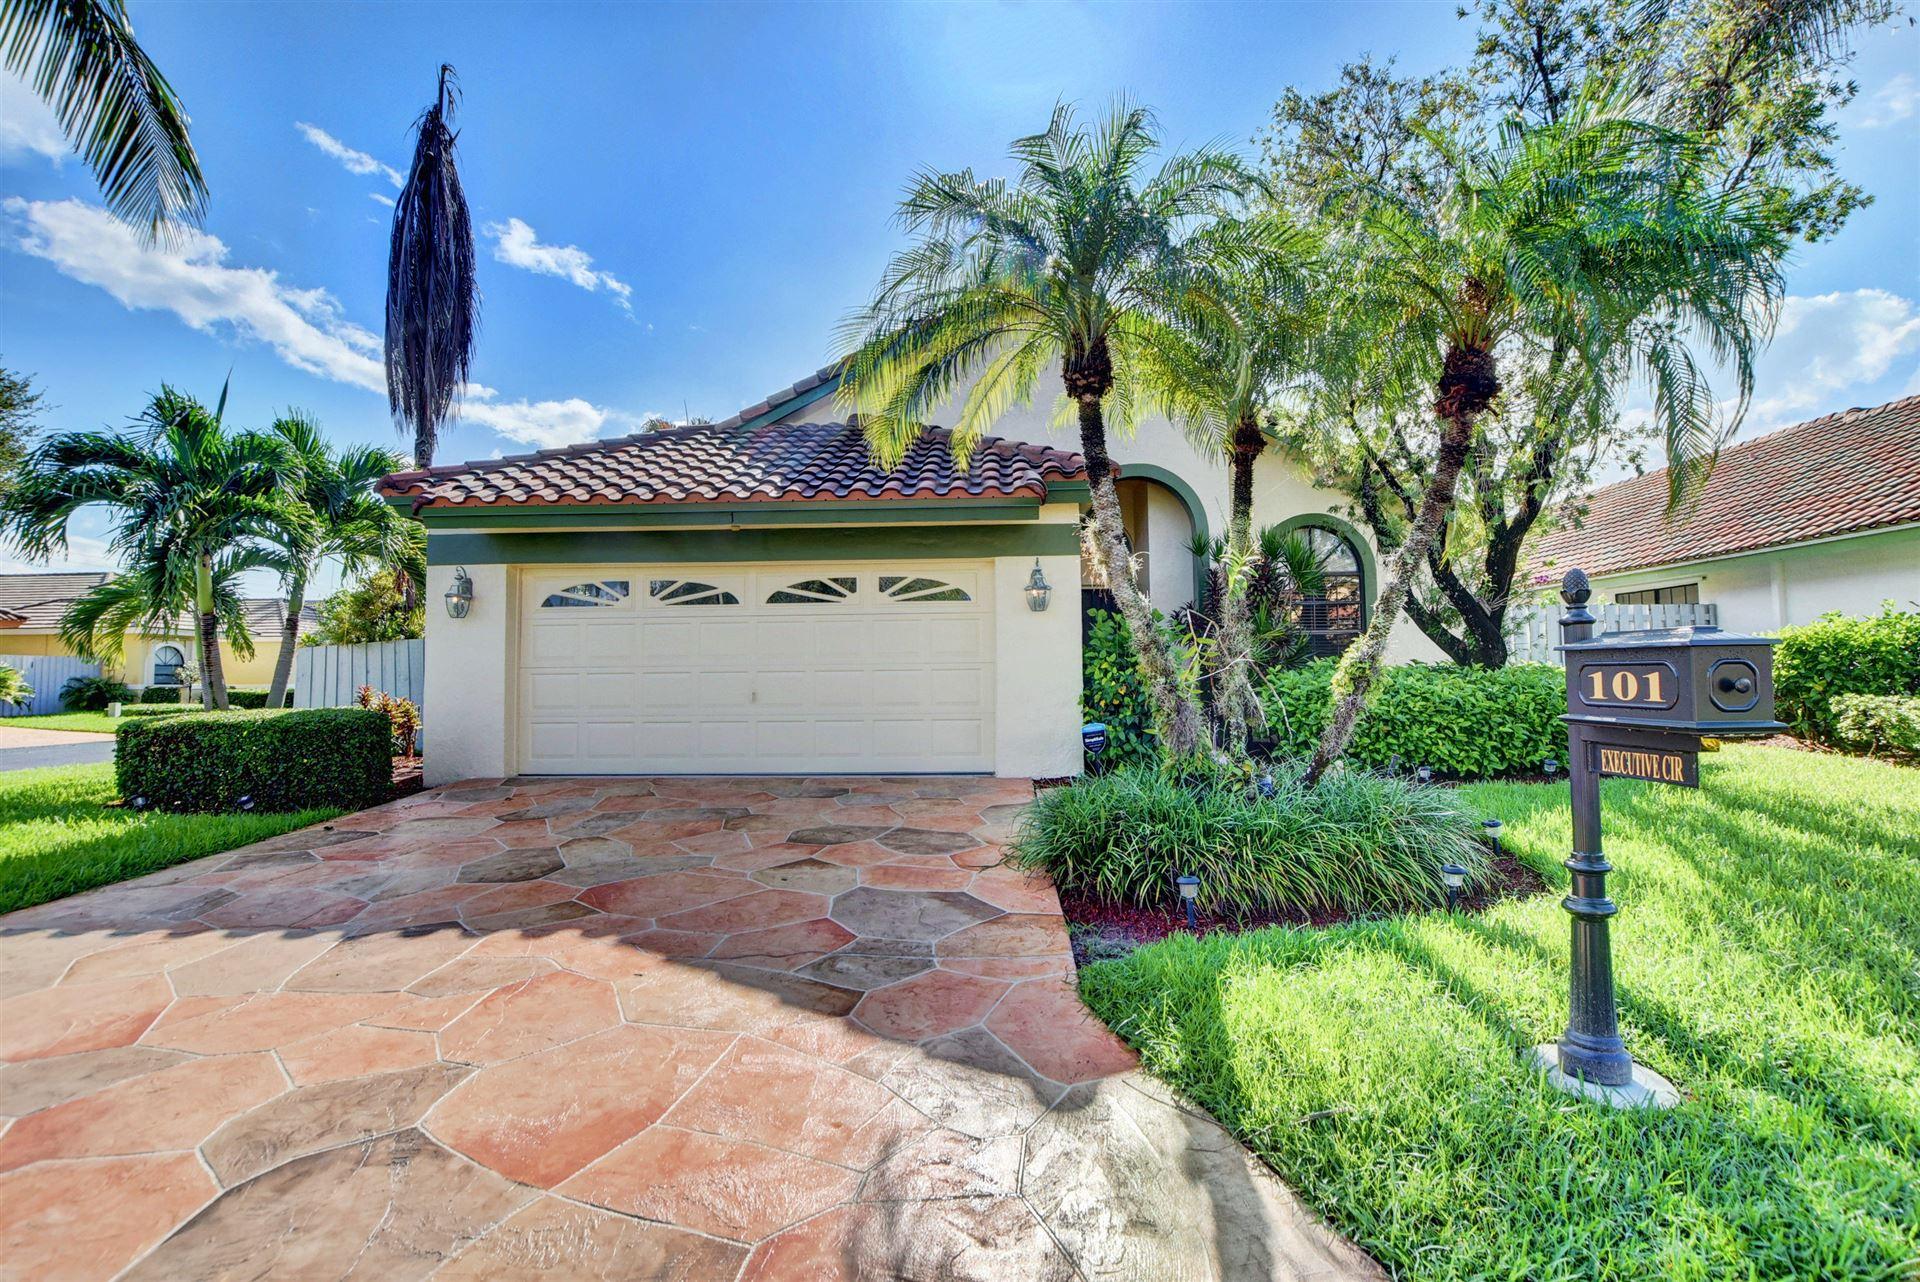 101 Executive Circle, Boynton Beach, FL 33436 - #: RX-10645000